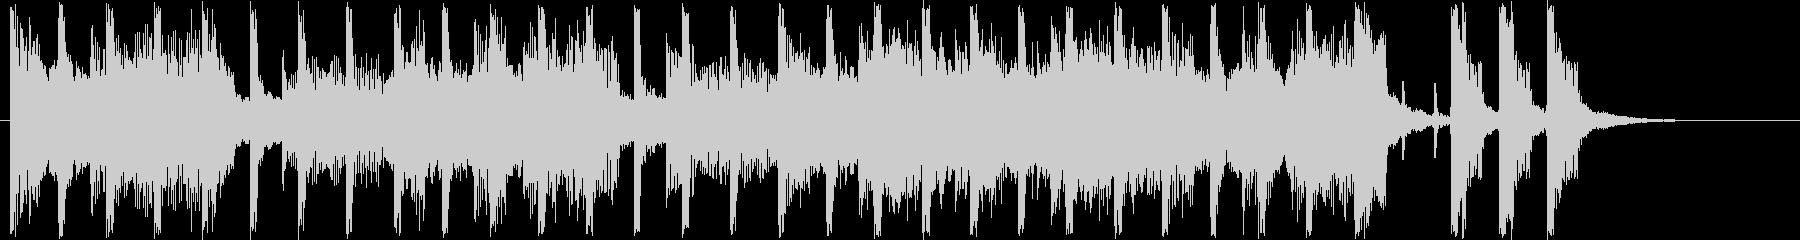 ほのぼのしたシンセサイザーなどのサウンドの未再生の波形